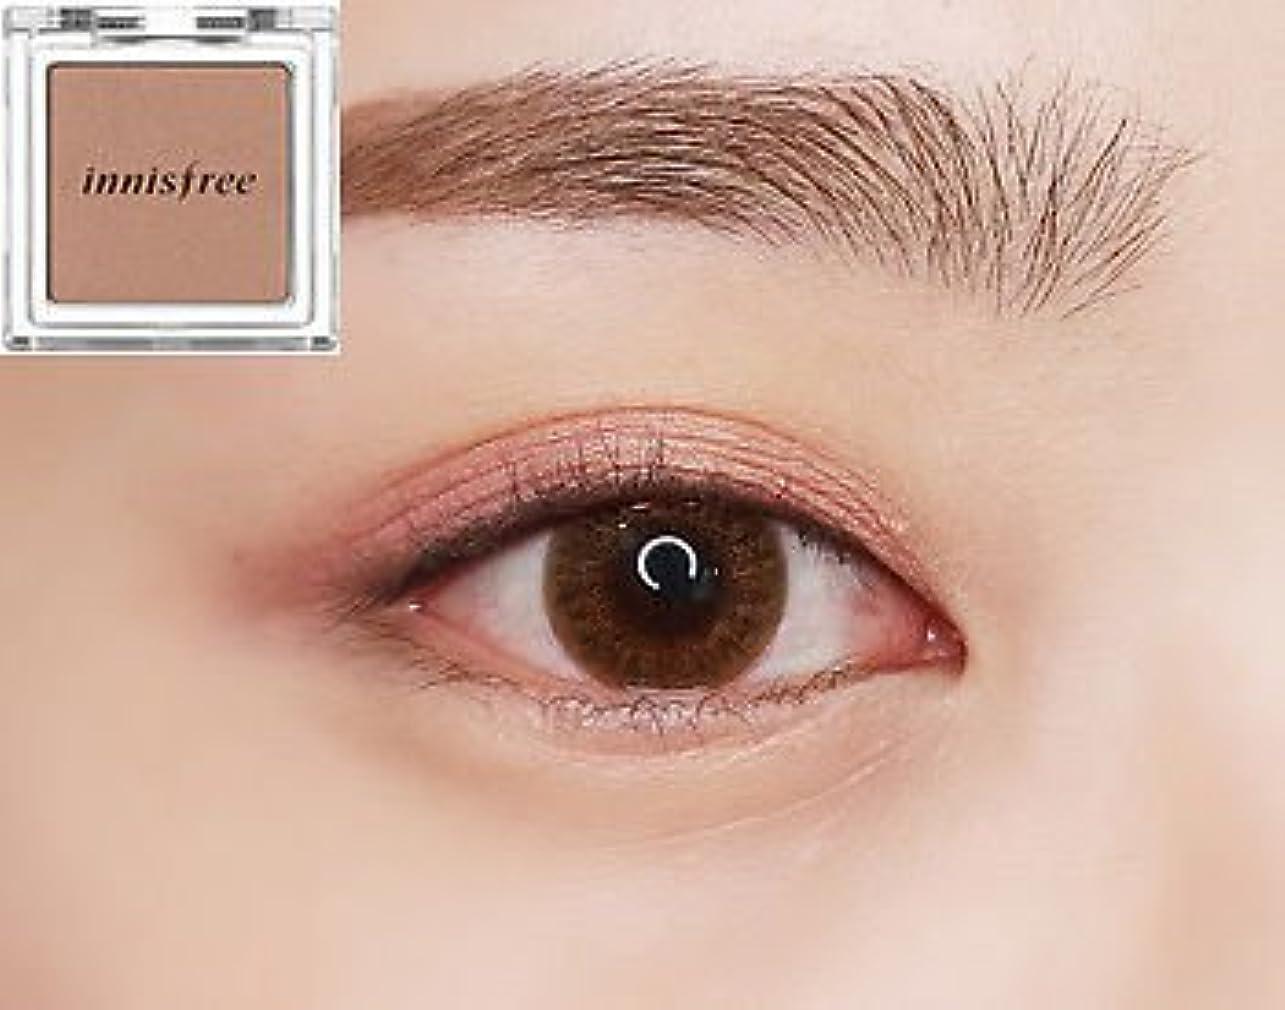 ドール険しいゴミ箱[イニスフリー] innisfree [マイ パレット マイ アイシャドウ (シマ一) 39カラー] MY PALETTE My Eyeshadow (Shimmer) 39 Shades [海外直送品] (シマ一 #06)